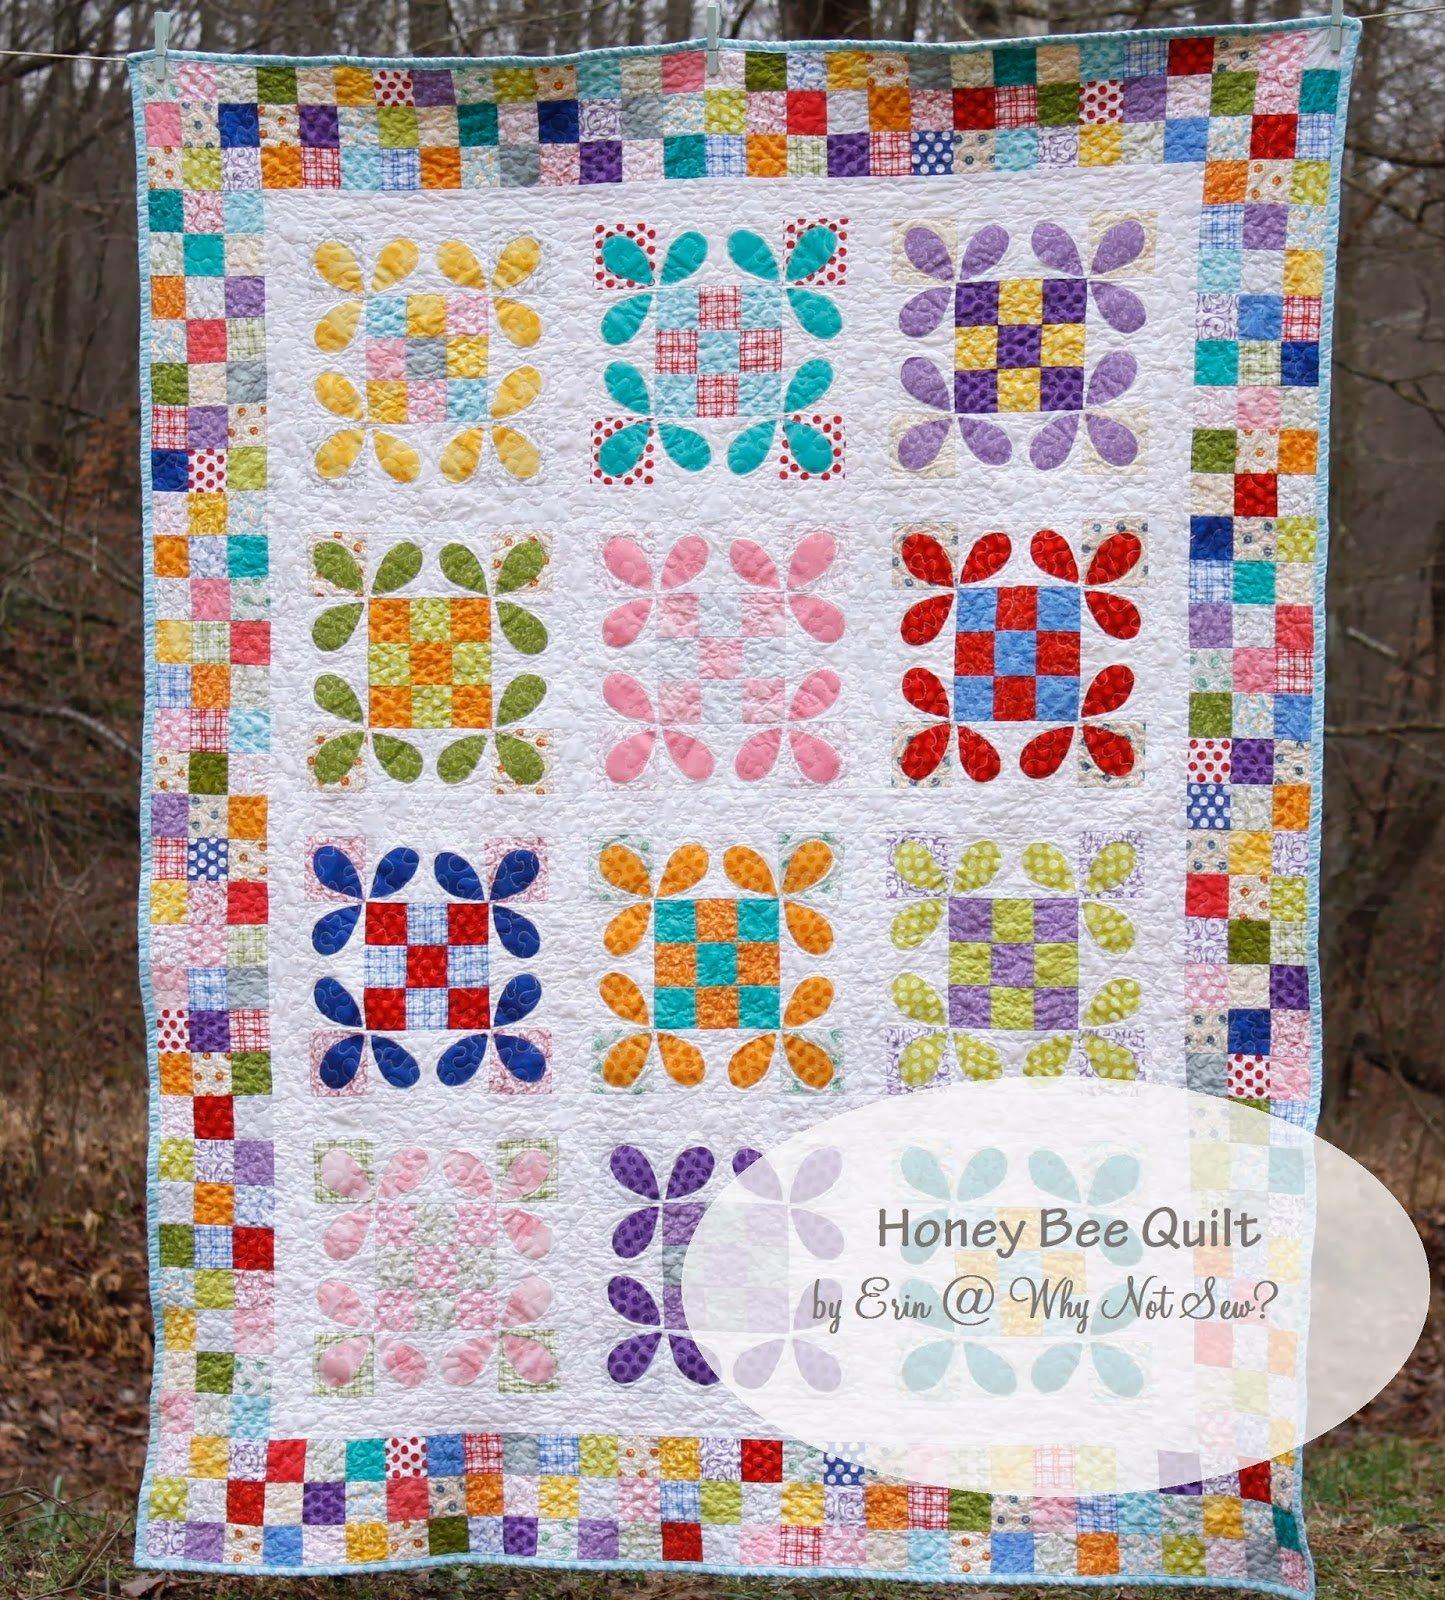 Honey Bee Quilt By Erin Cox